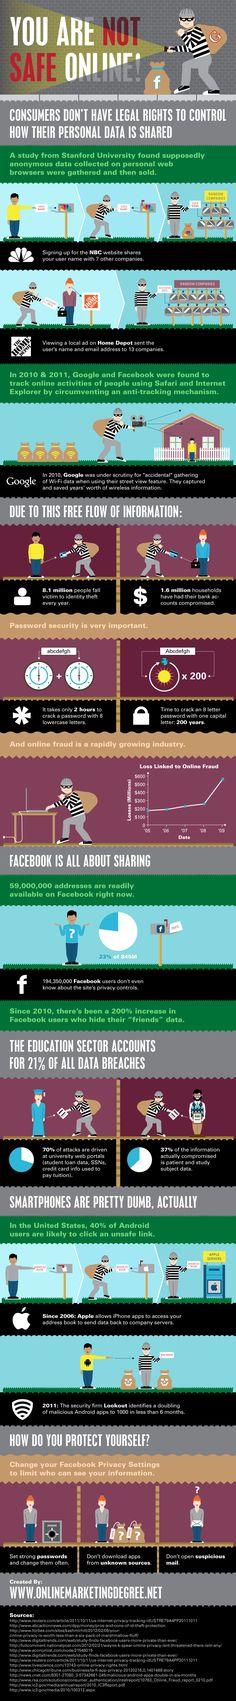 Así de inseguros estamos en Internet    http://www.trecebits.com/2012/02/29/200-millones-de-usuarios-de-facebook-no-saben-proteger-su-privacidad/